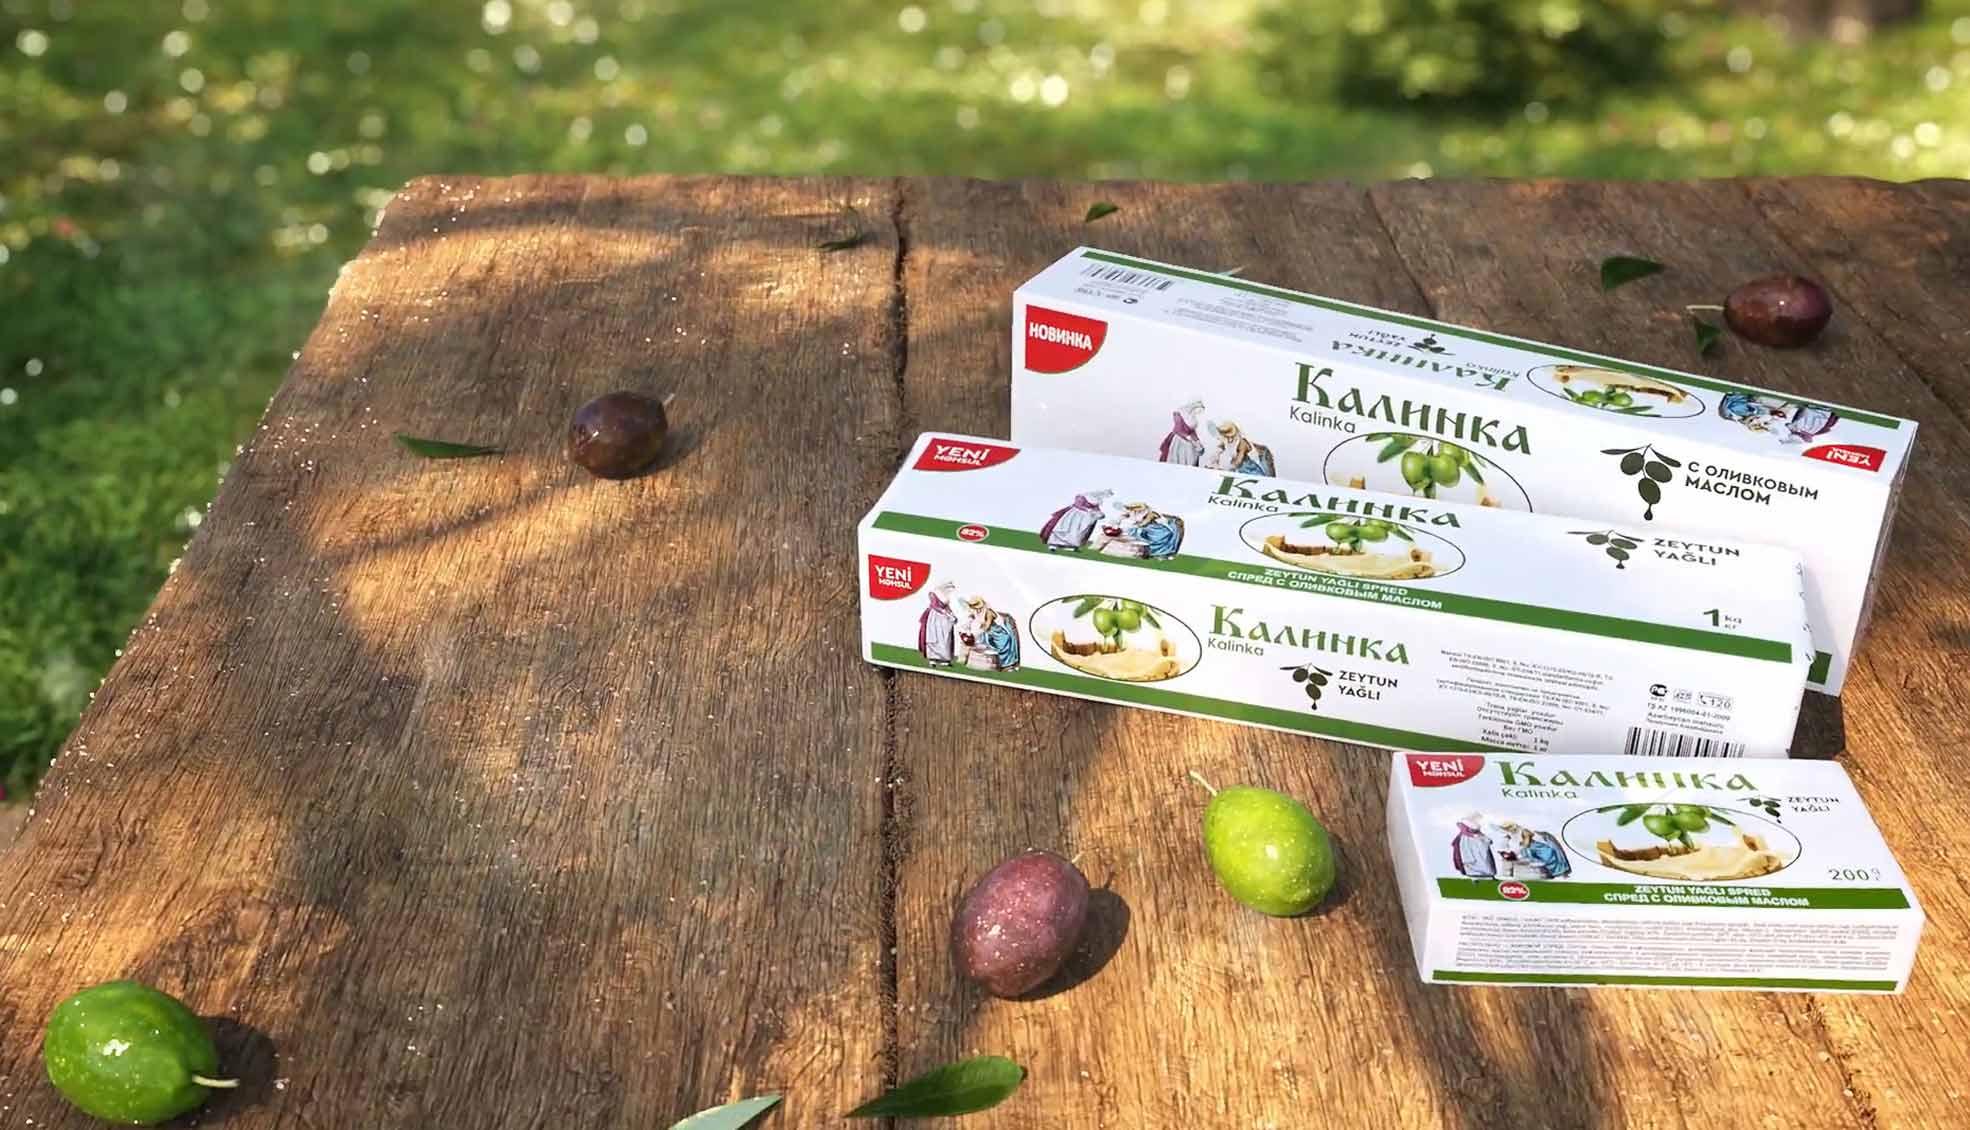 New Kalinka creates healthy meals